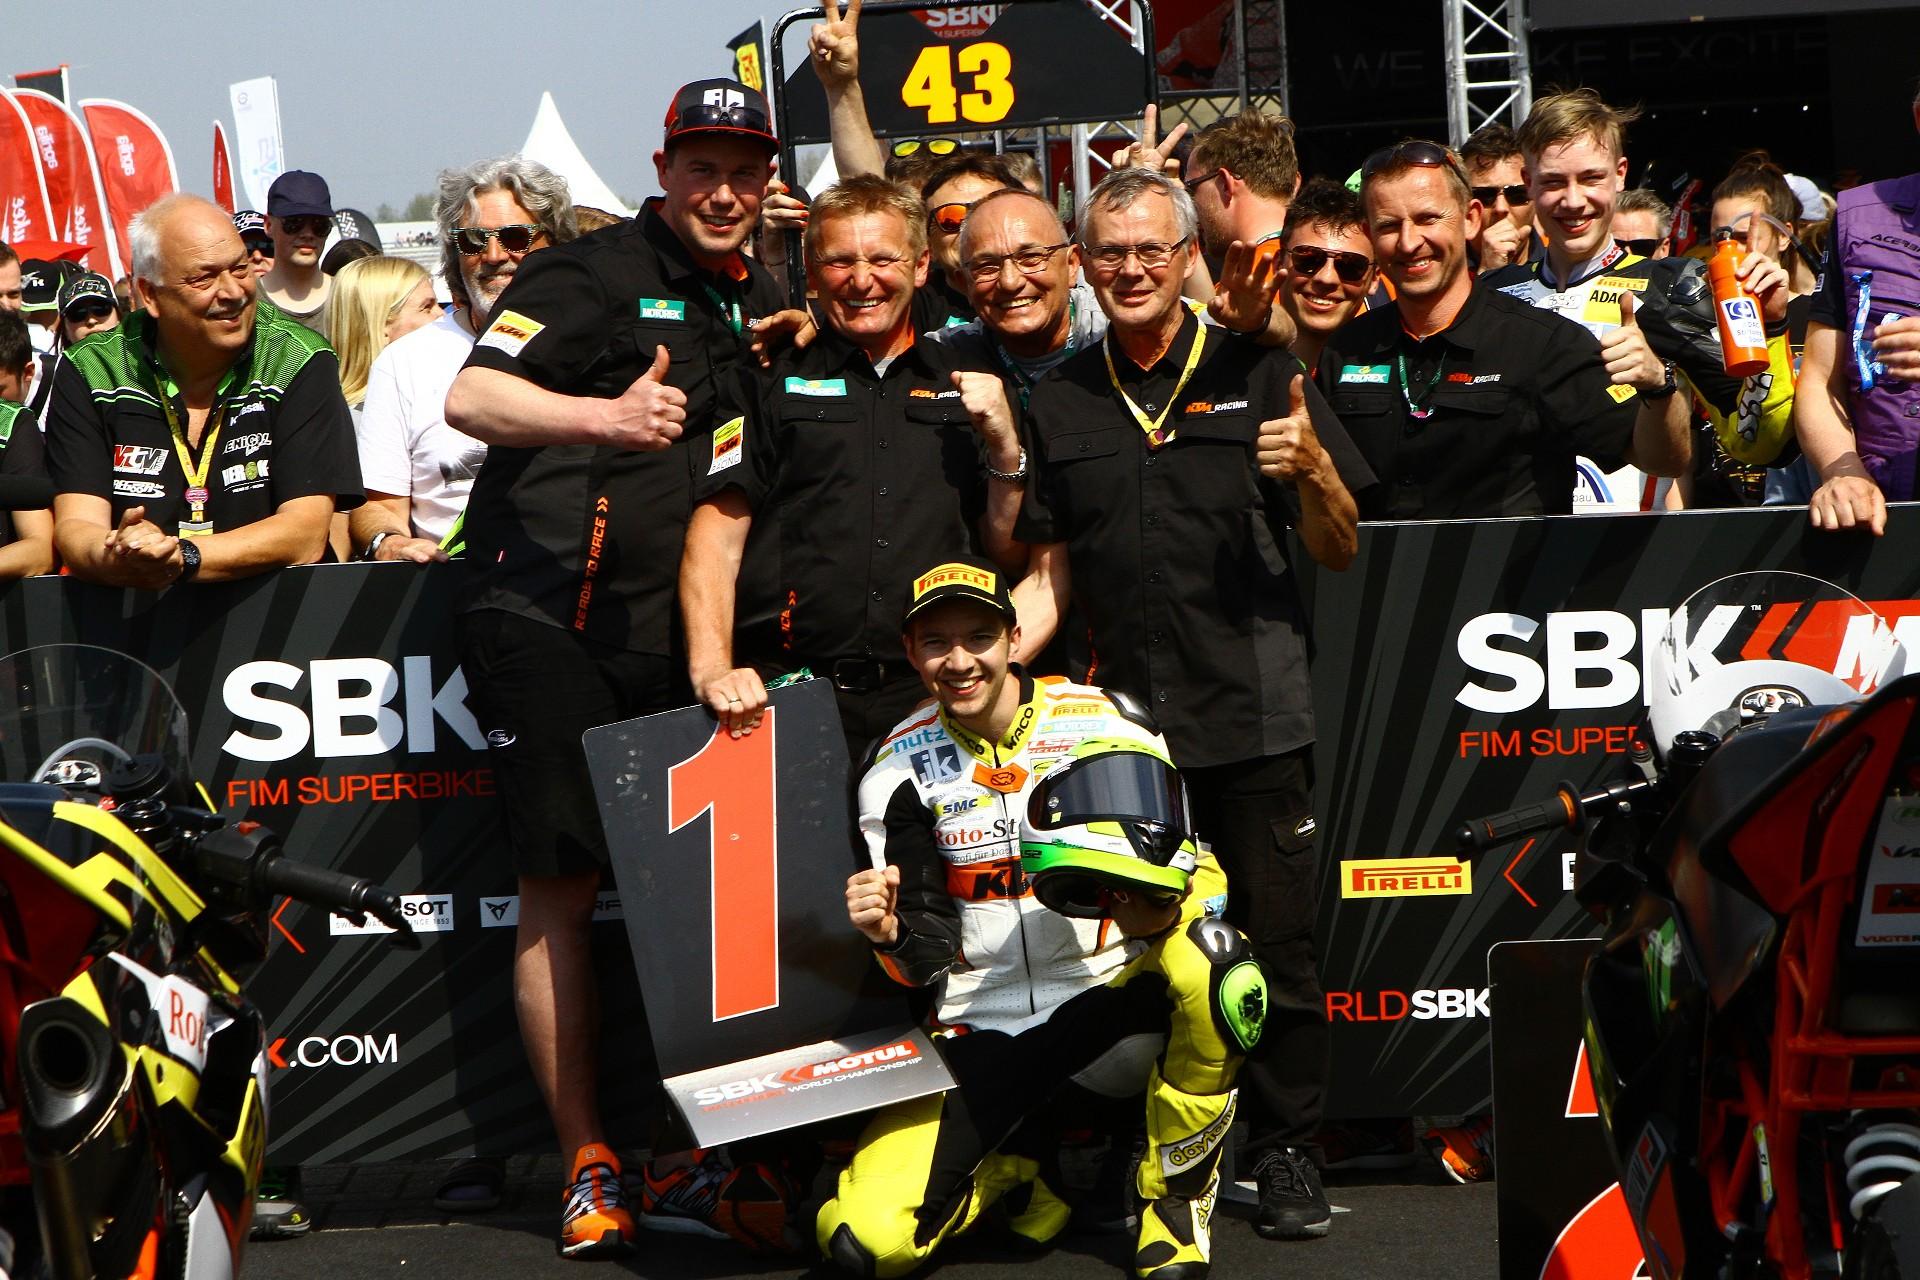 SENSATIONSIEG IN ASSEN – Luca Grünwald fährt ersten WM-Sieg für Freudenberg KTM Team ein